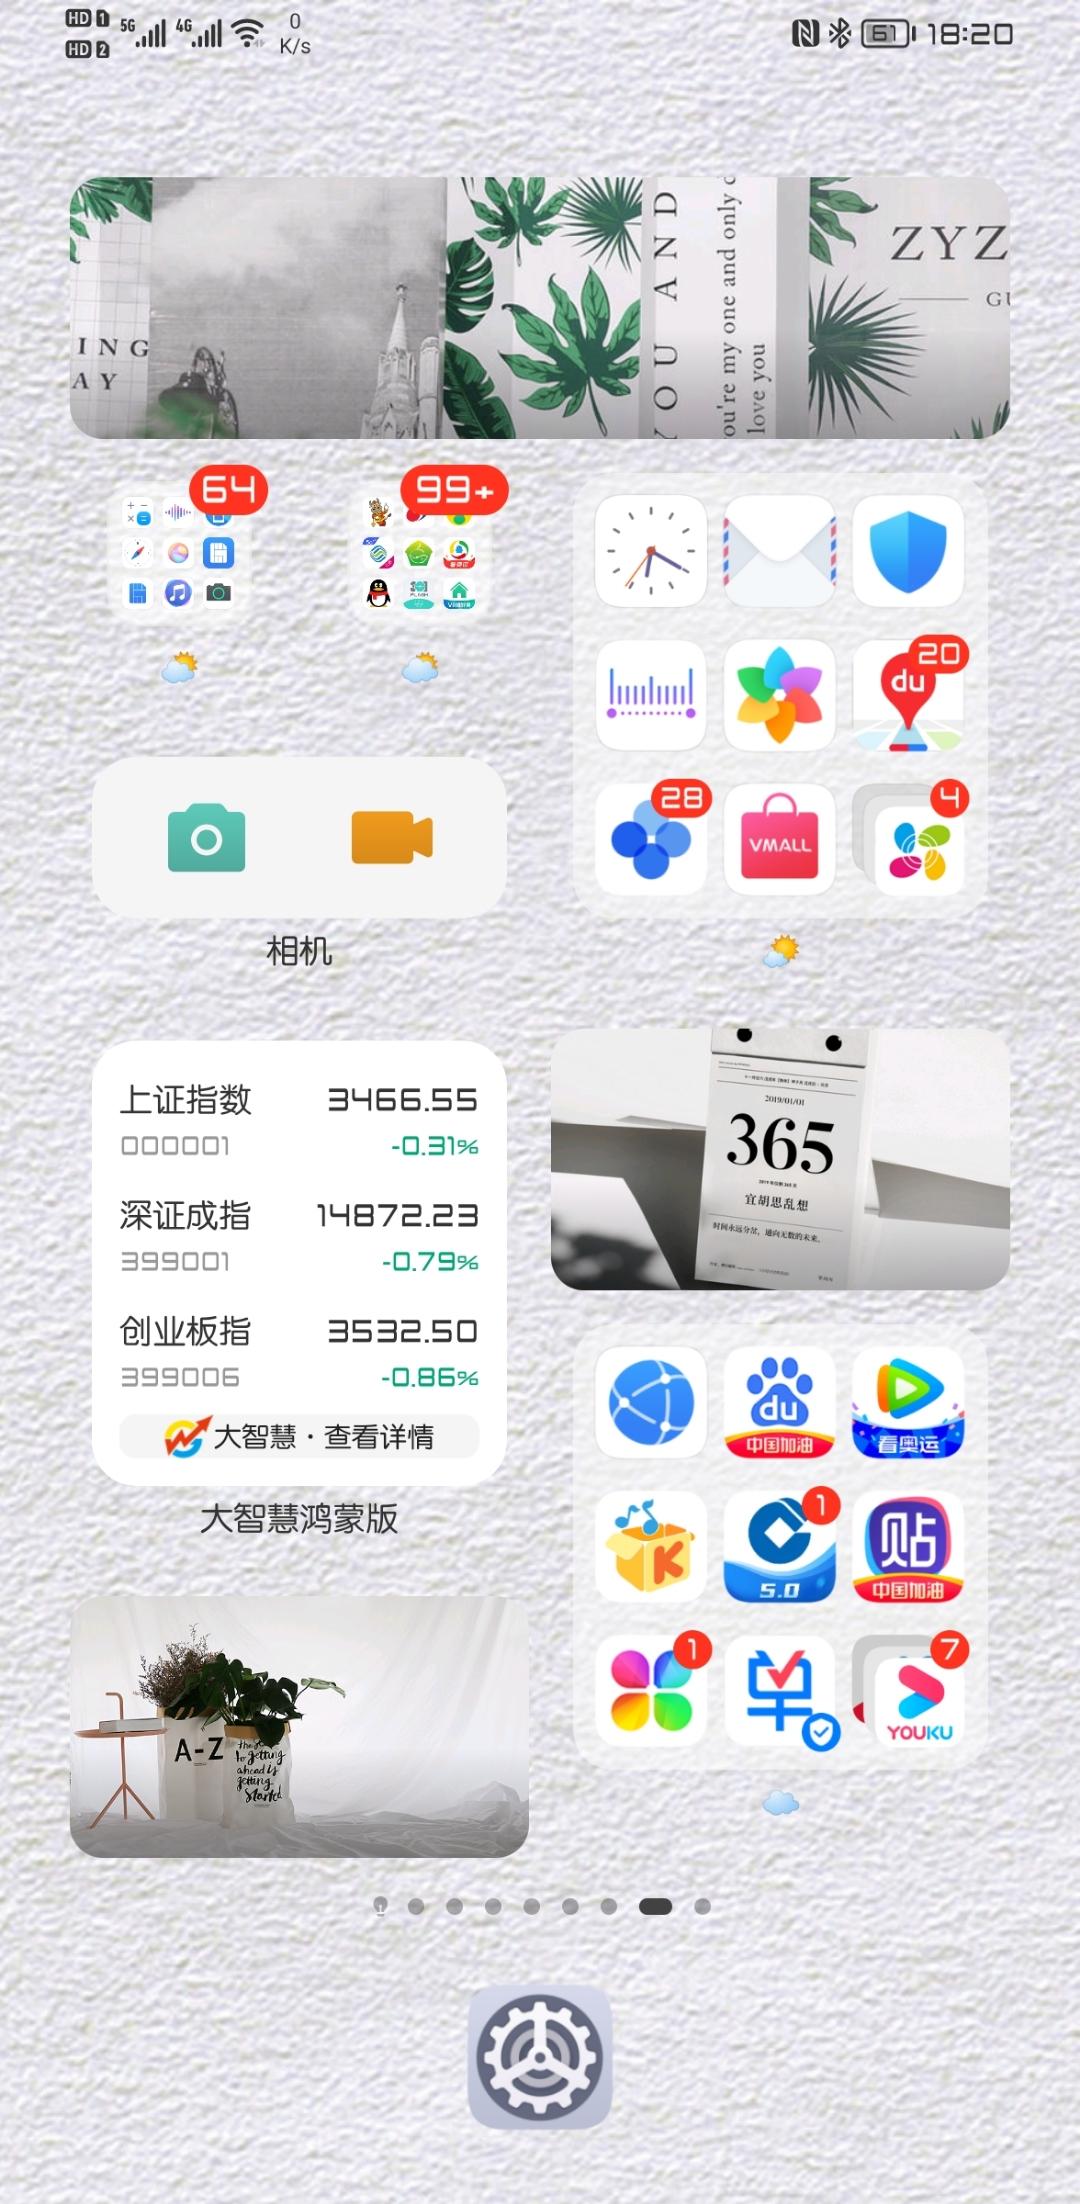 Screenshot_20210805_182037_com.huawei.android.launcher.jpg